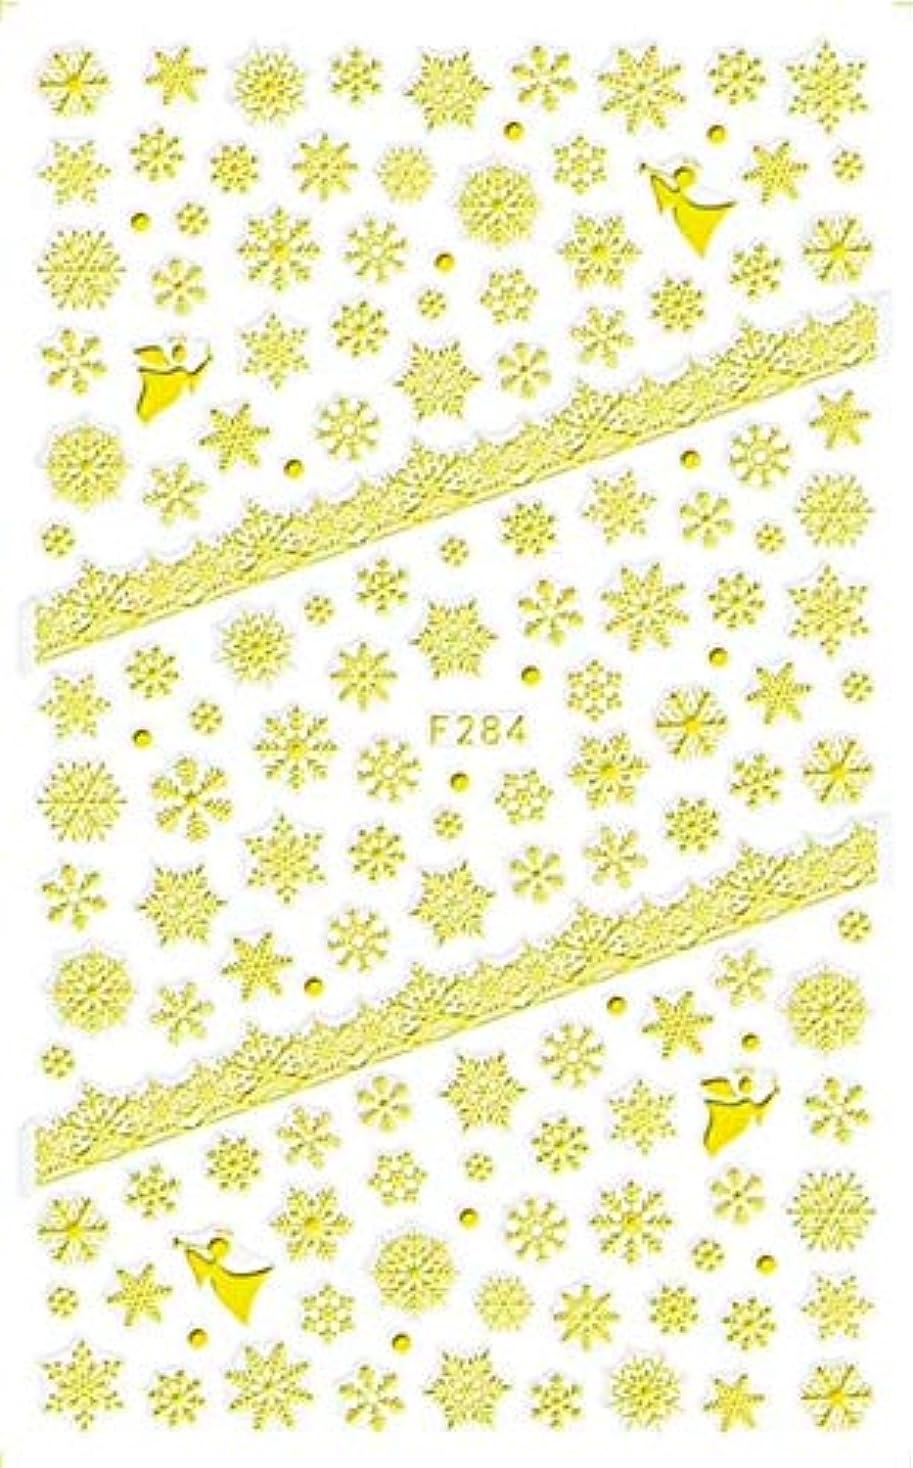 若さ冷蔵庫時代SUKTI&XIAO ネイルステッカー 1枚の釘のクリスマスの設計3D雪の花の釘のステッカーの青/黒/白/銀/金の付着力の押す釘の装飾、F284金